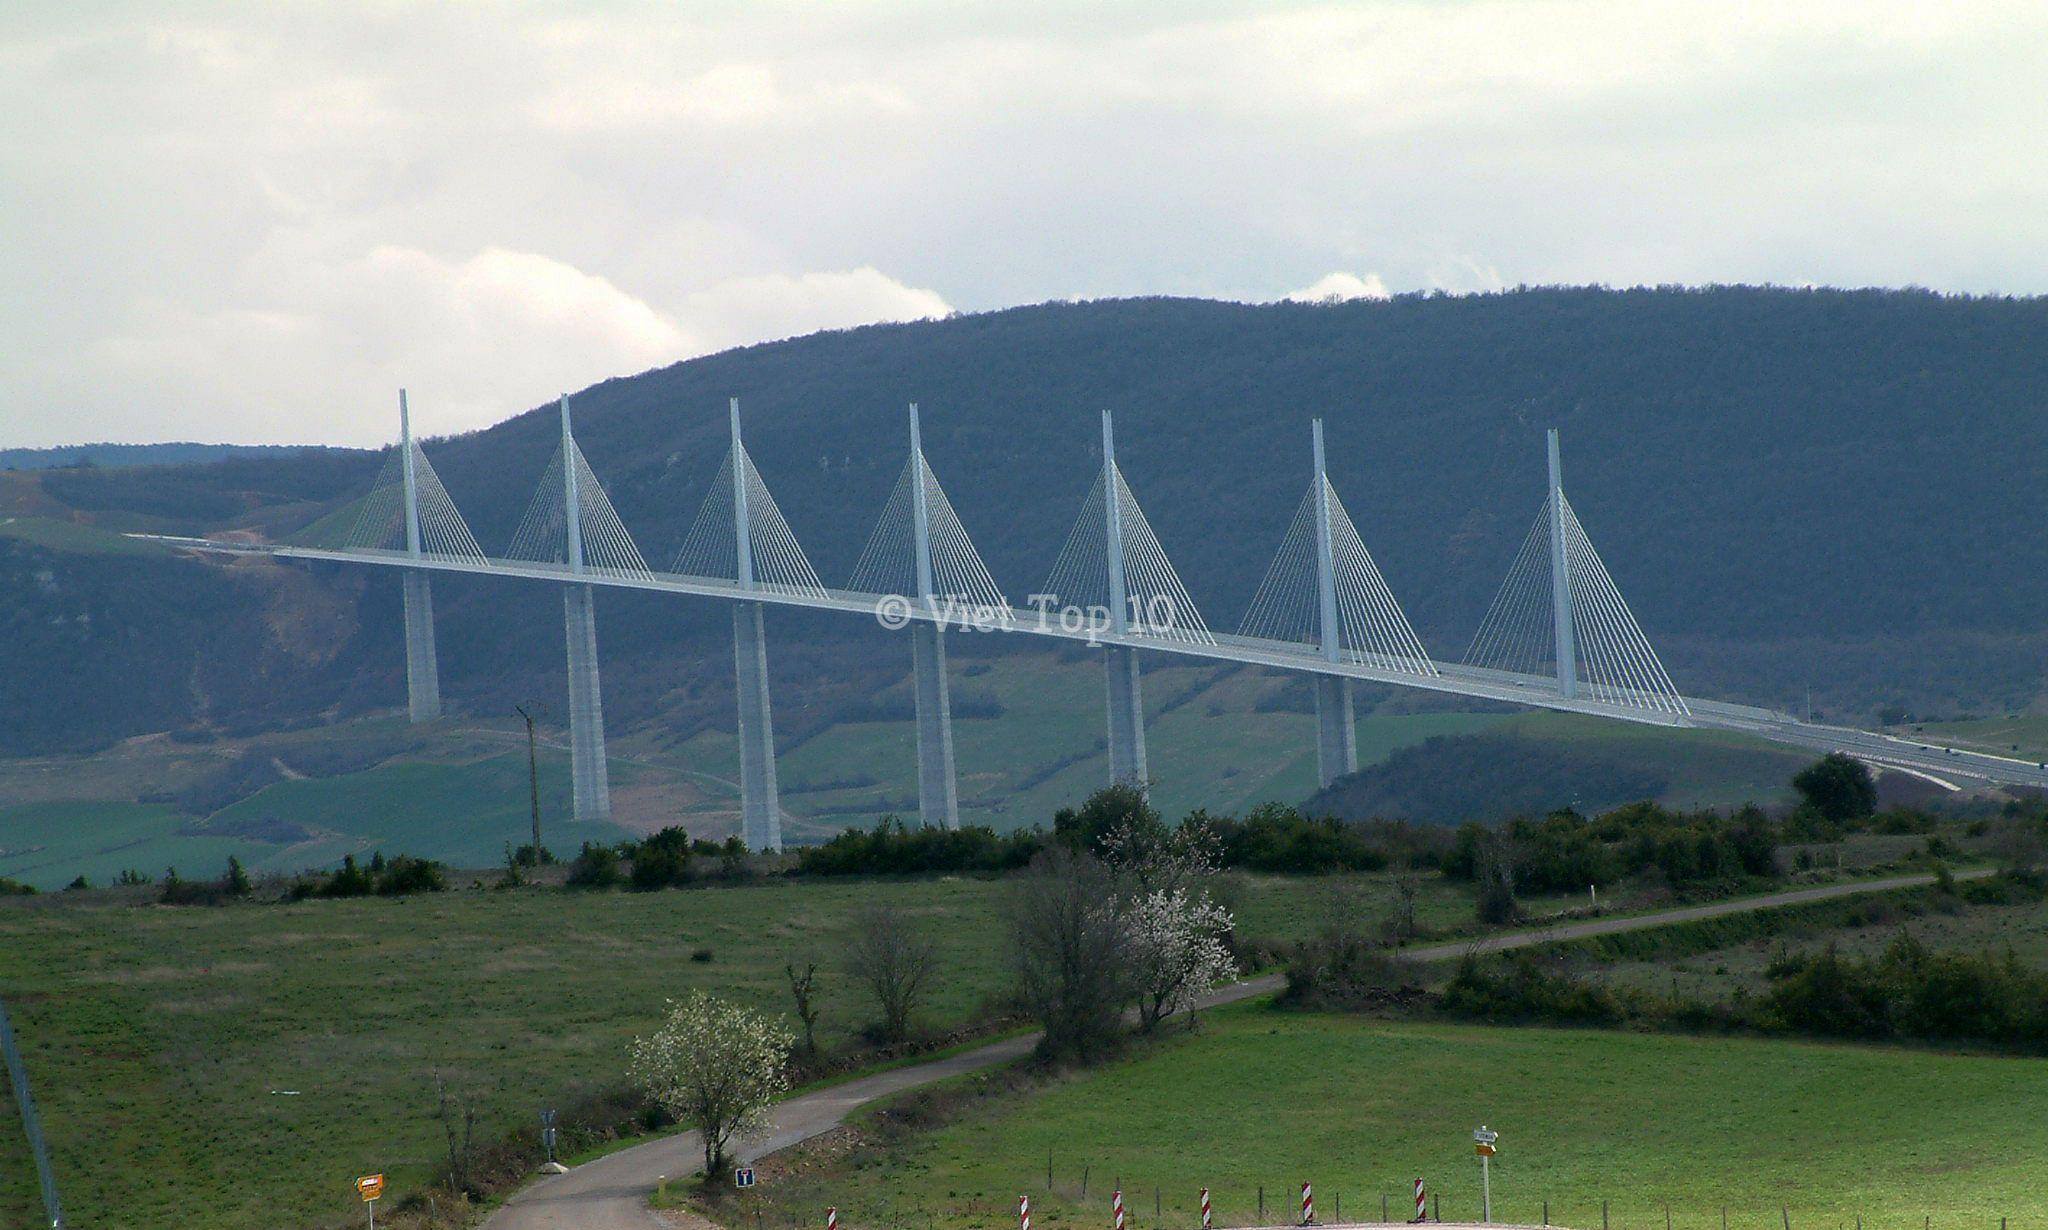 những cây cầu kỳ lạ và độc đáo nhất thế giới - việt top 10 - việt top 10 net - viettop10